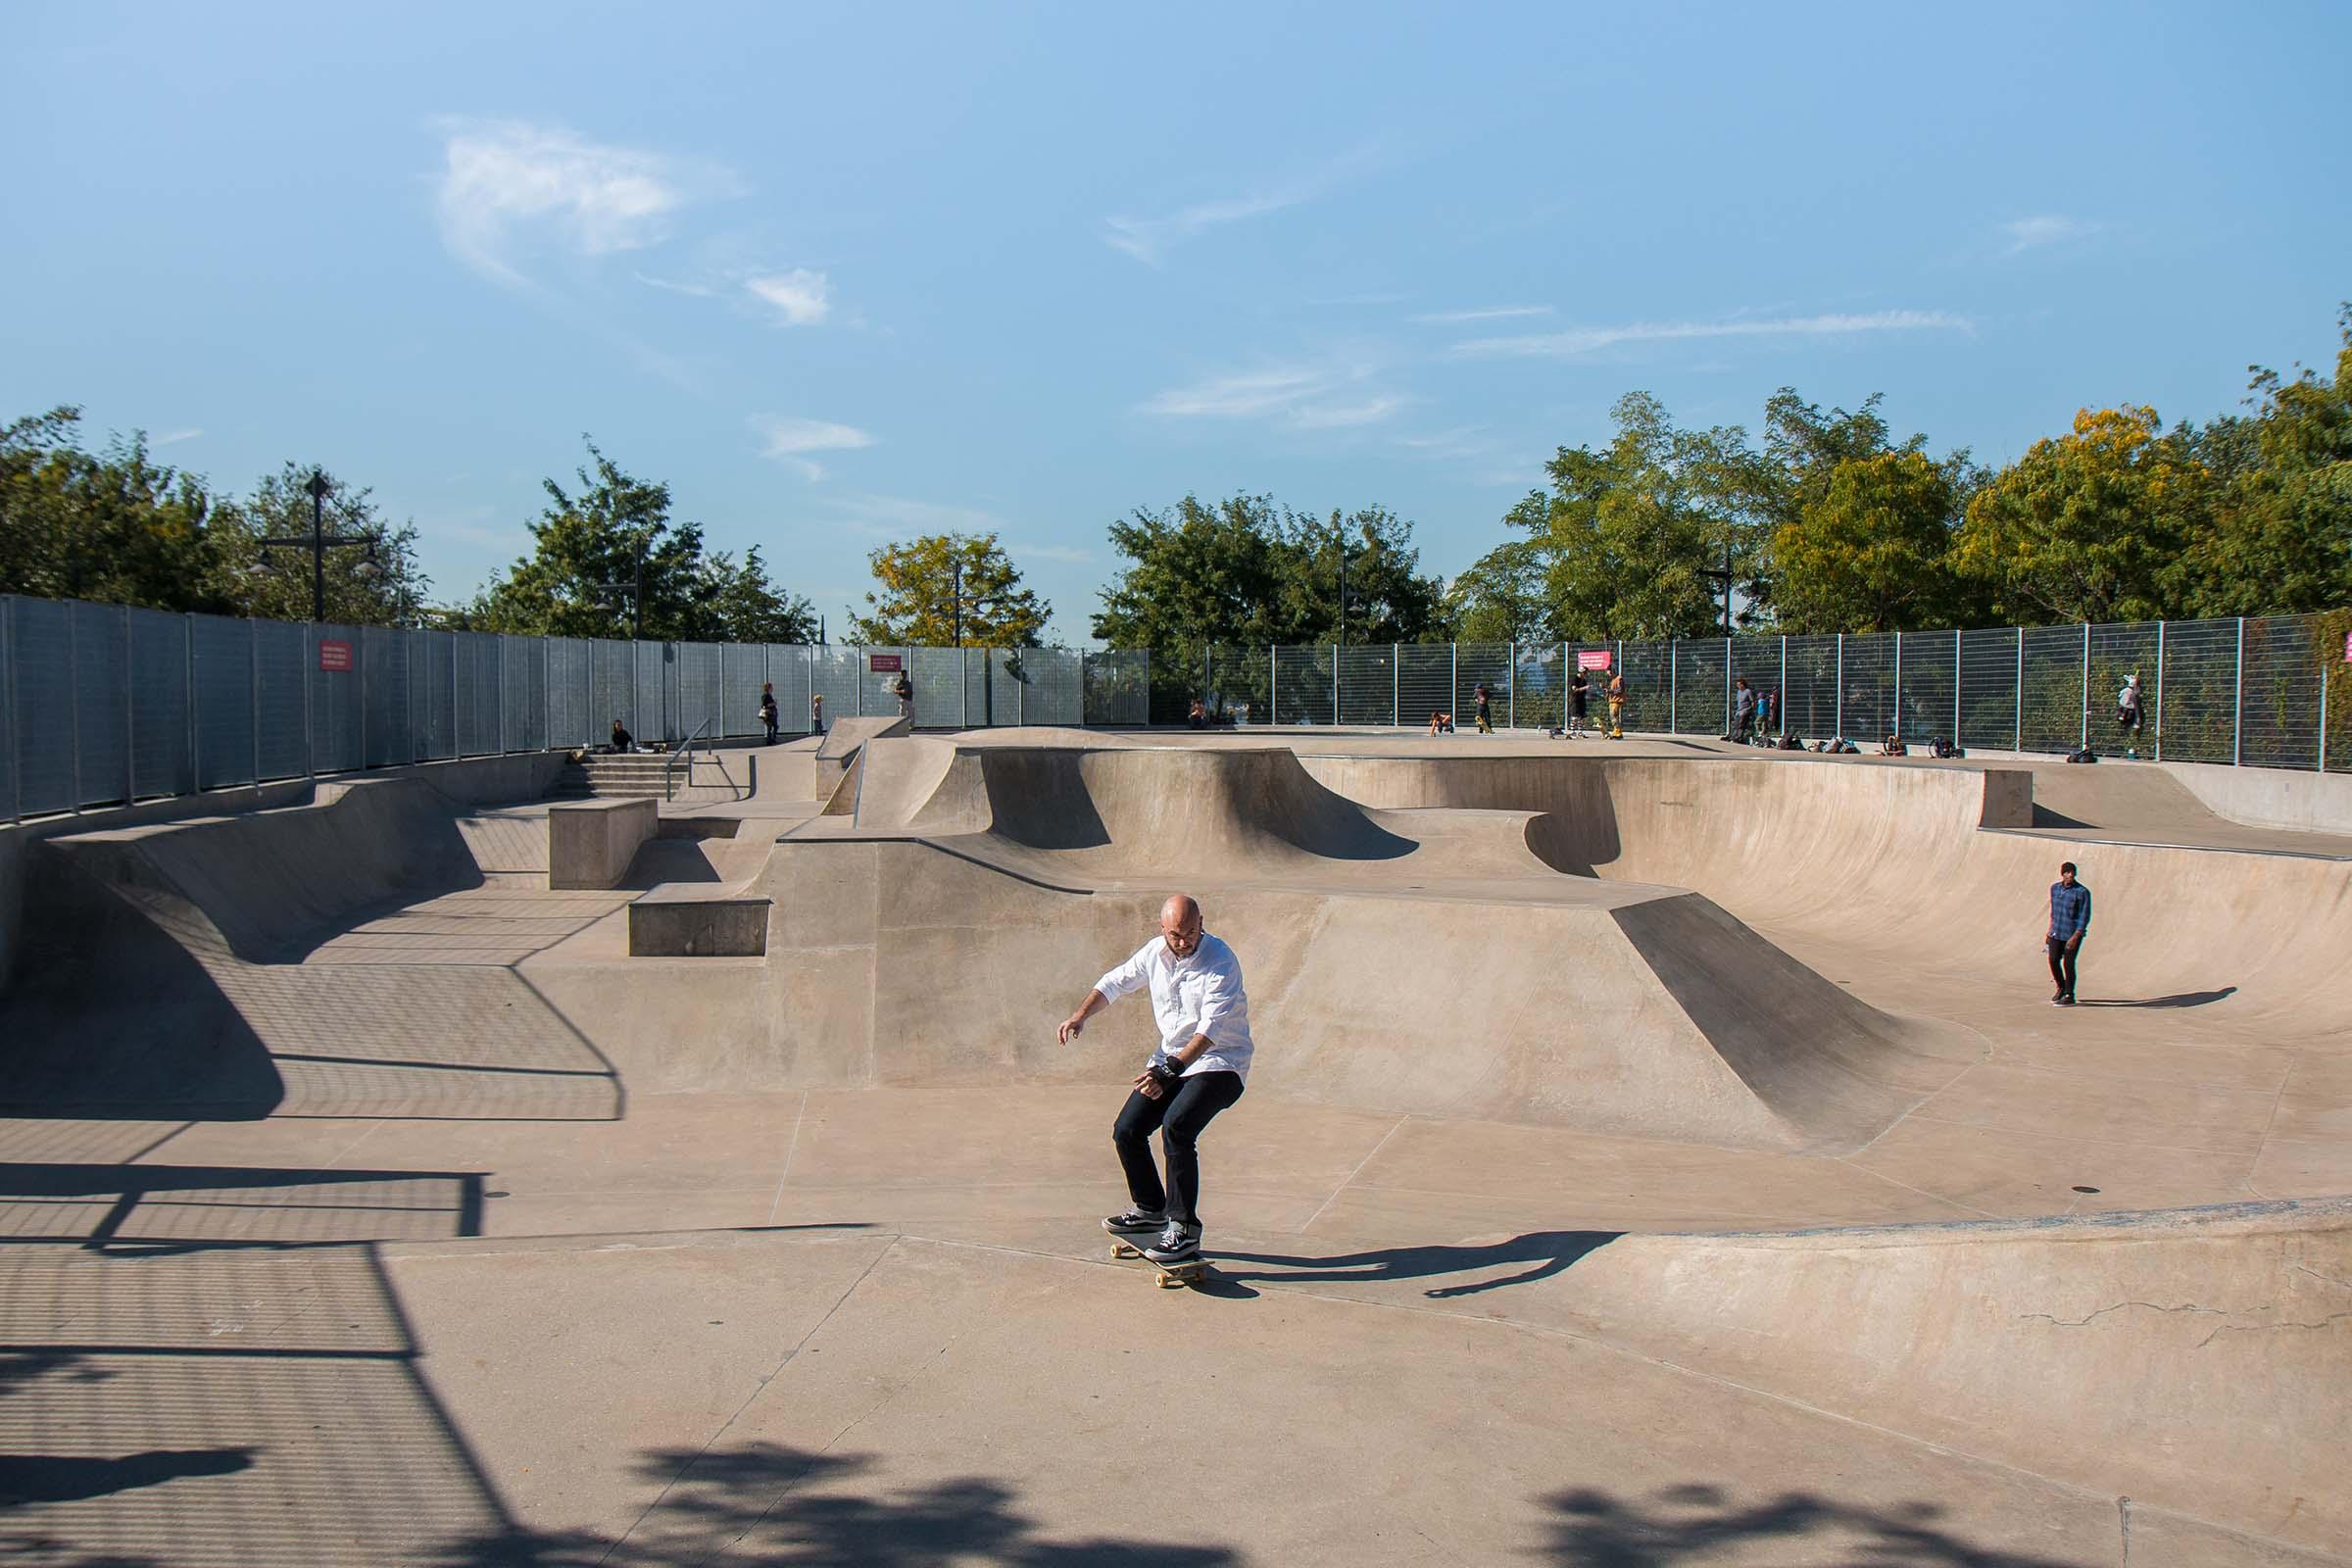 A skateboarder preps the next curve at the Pier 62 skatepark